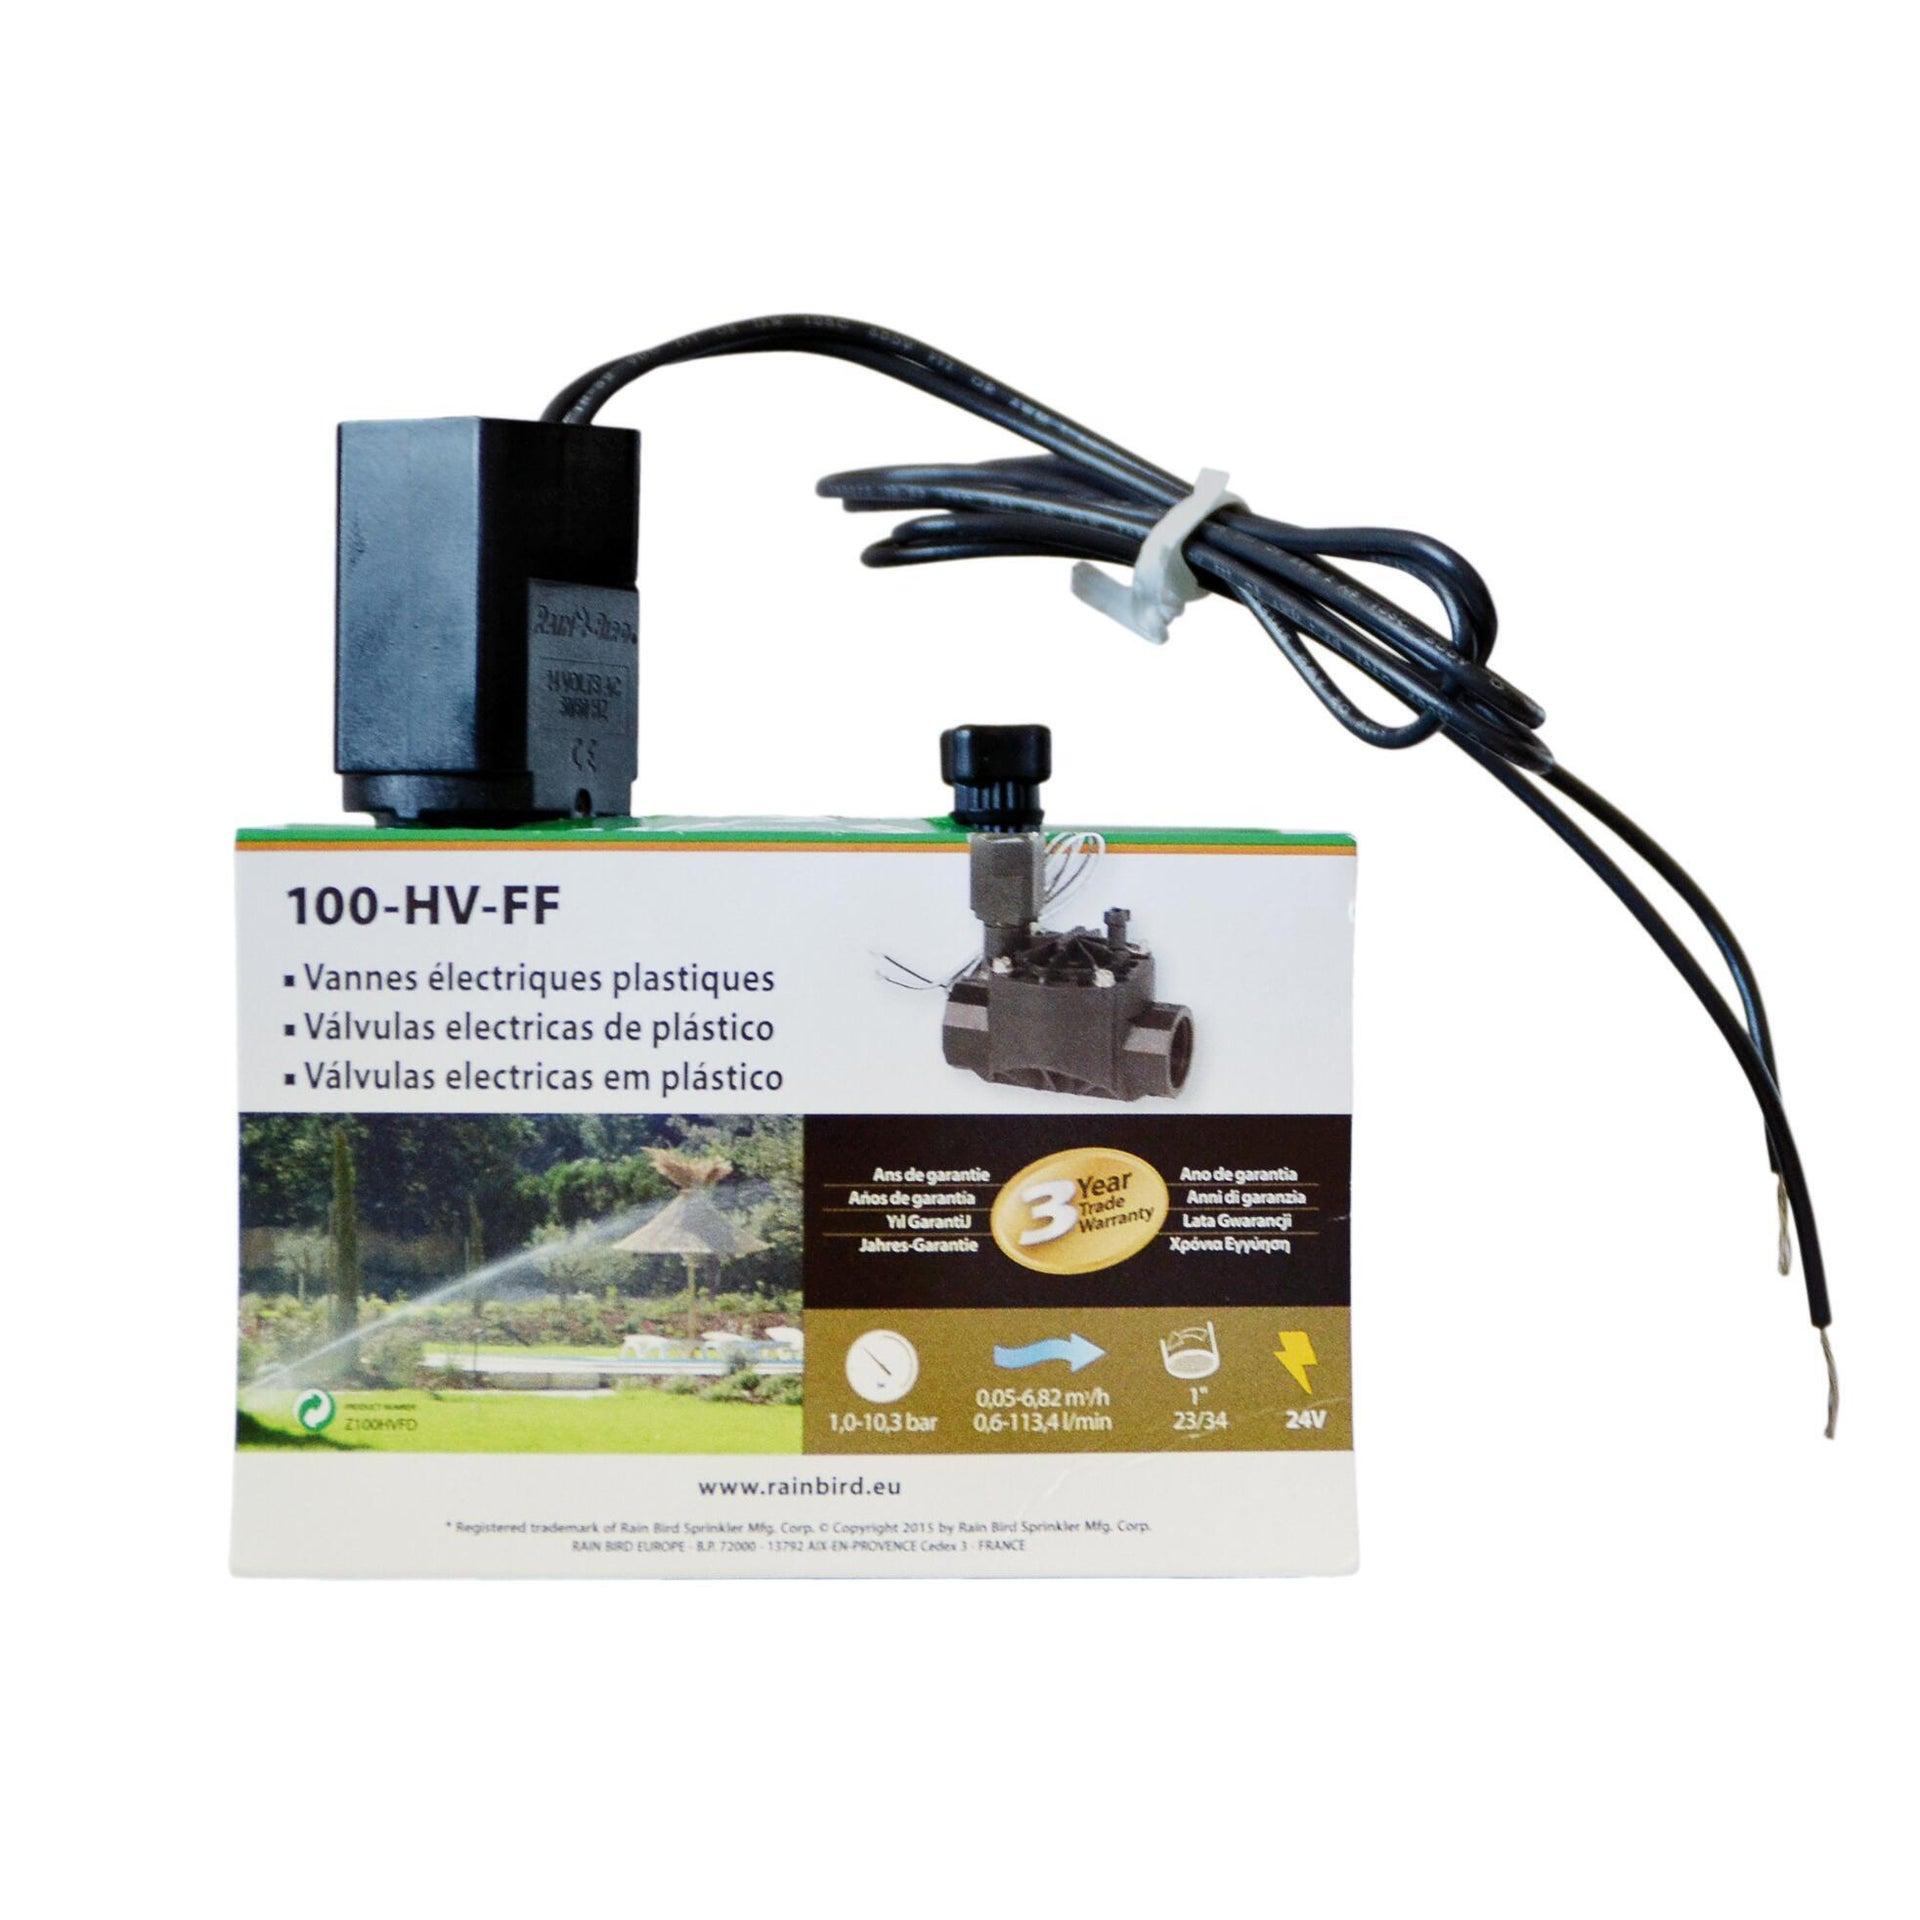 Elettrovalvola con regolatore di flusso RAIN BIRD 100 HV FF 24 V - 2